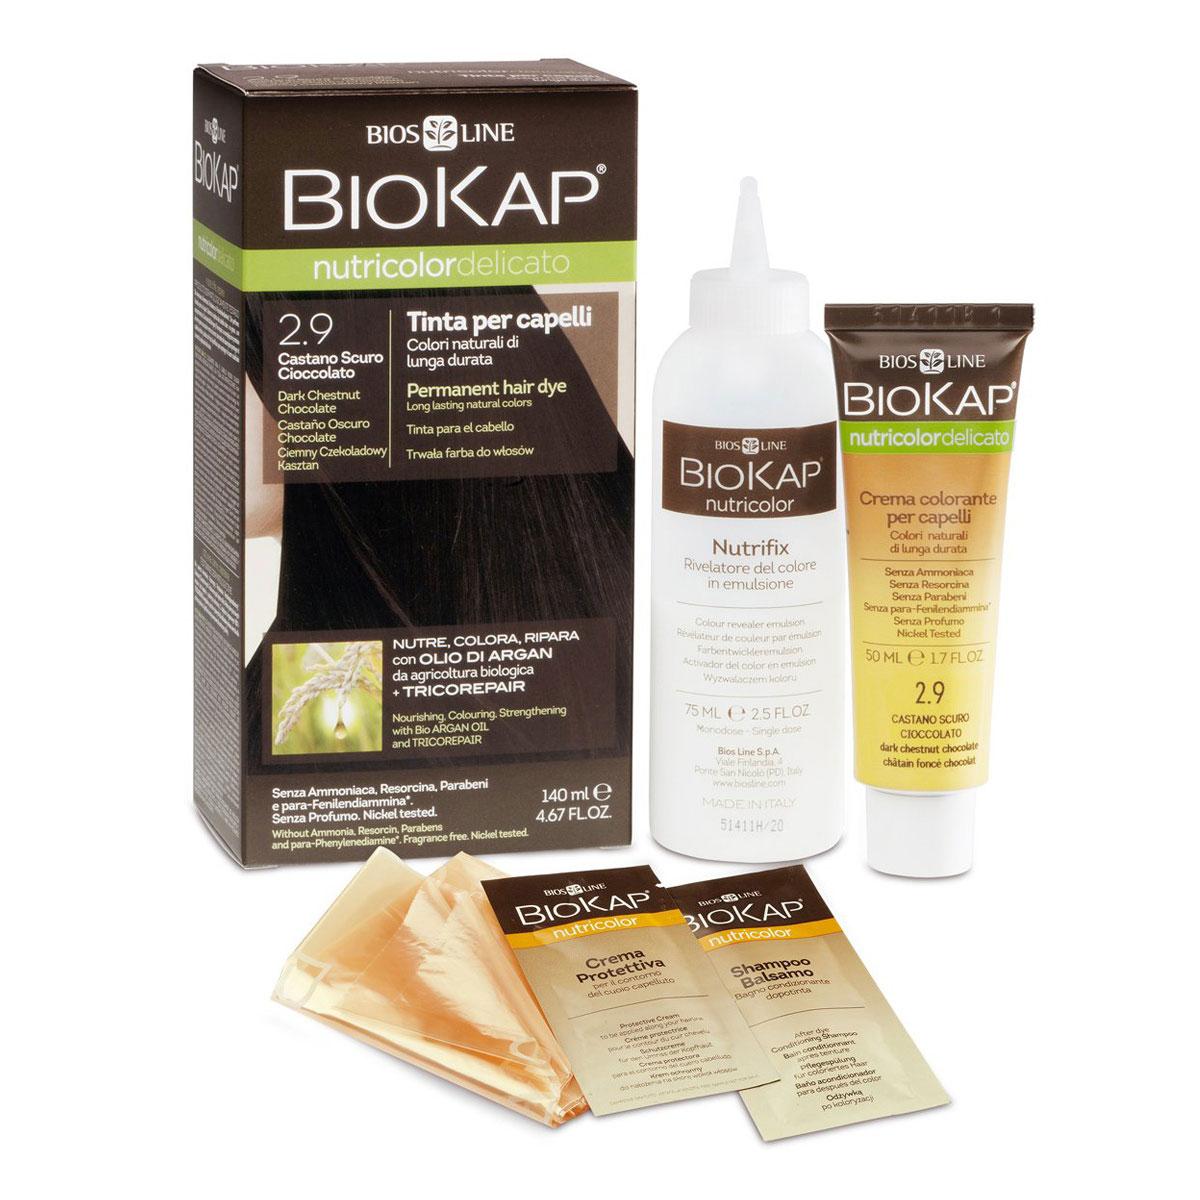 Liftea představuje Biosline – odborníka na přírodní vlasovou péči